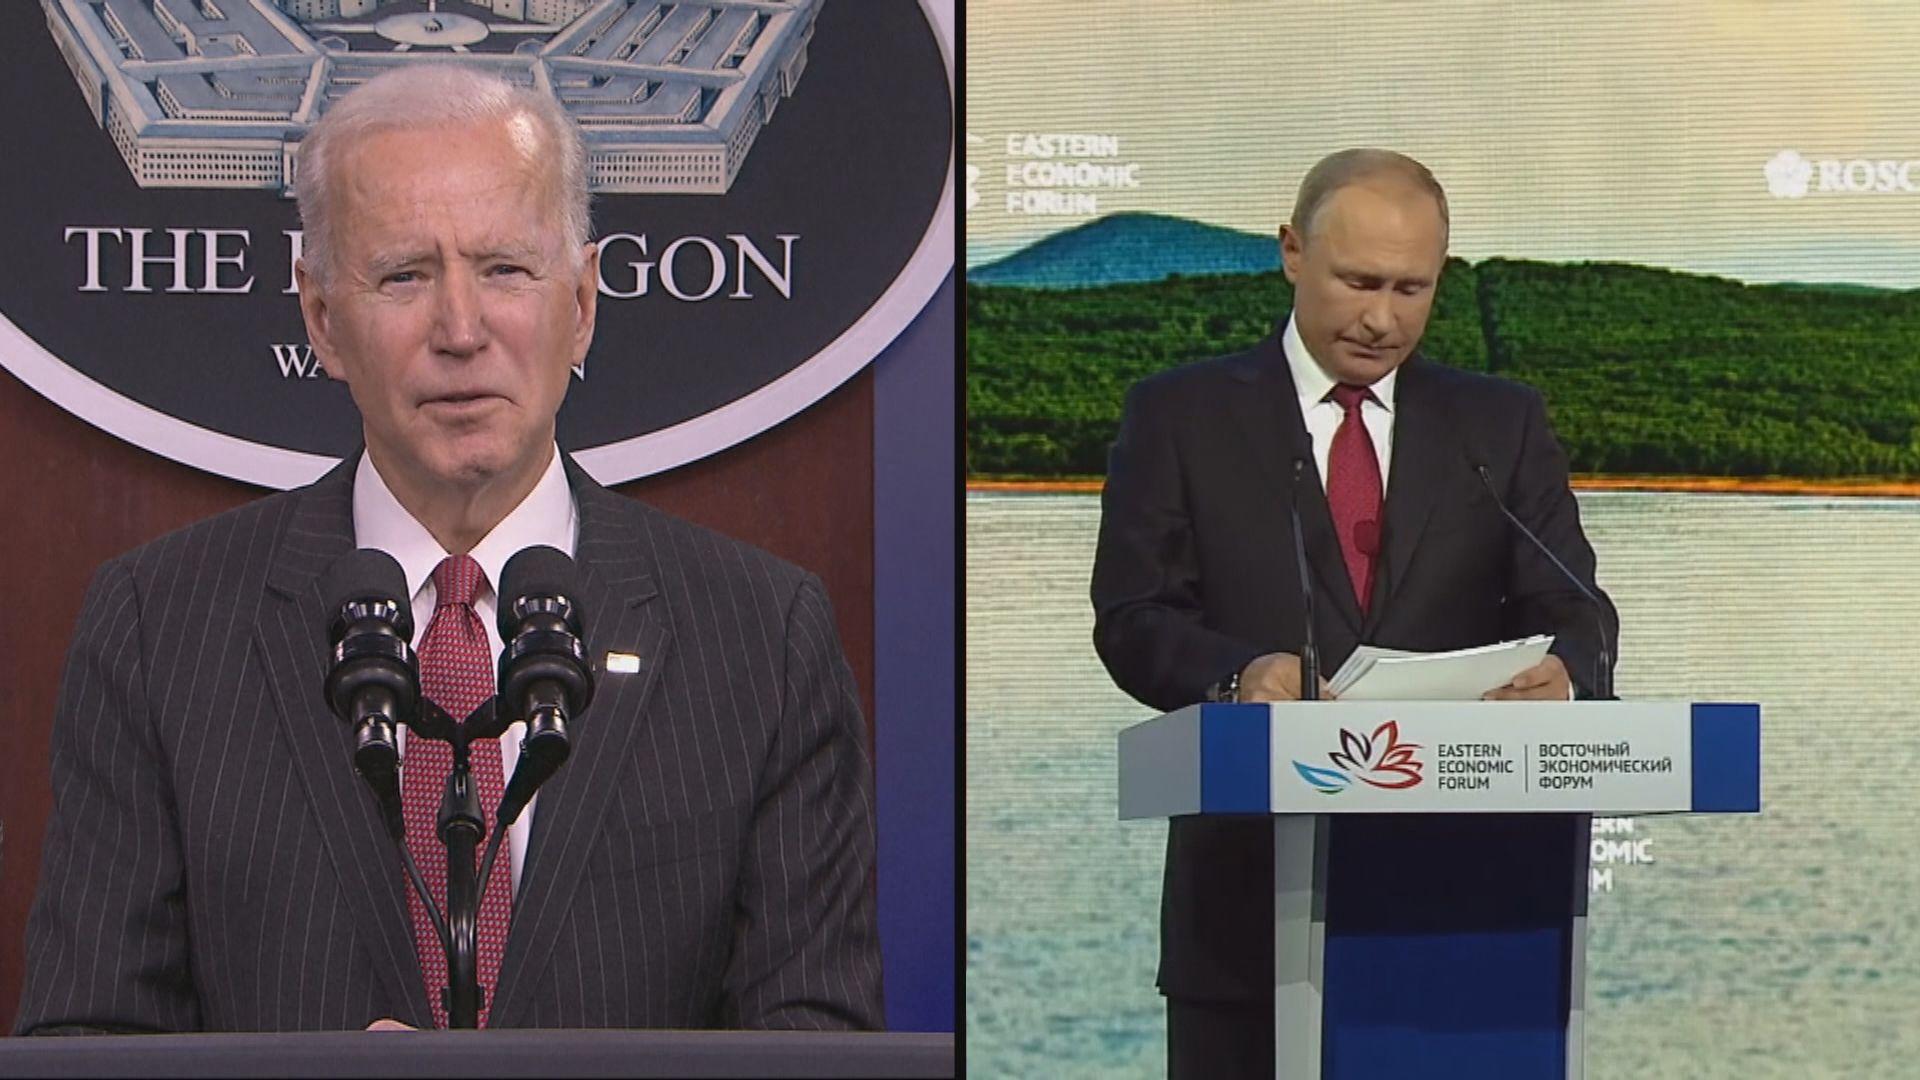 俄羅斯官員指俄美峰會或於六月舉行